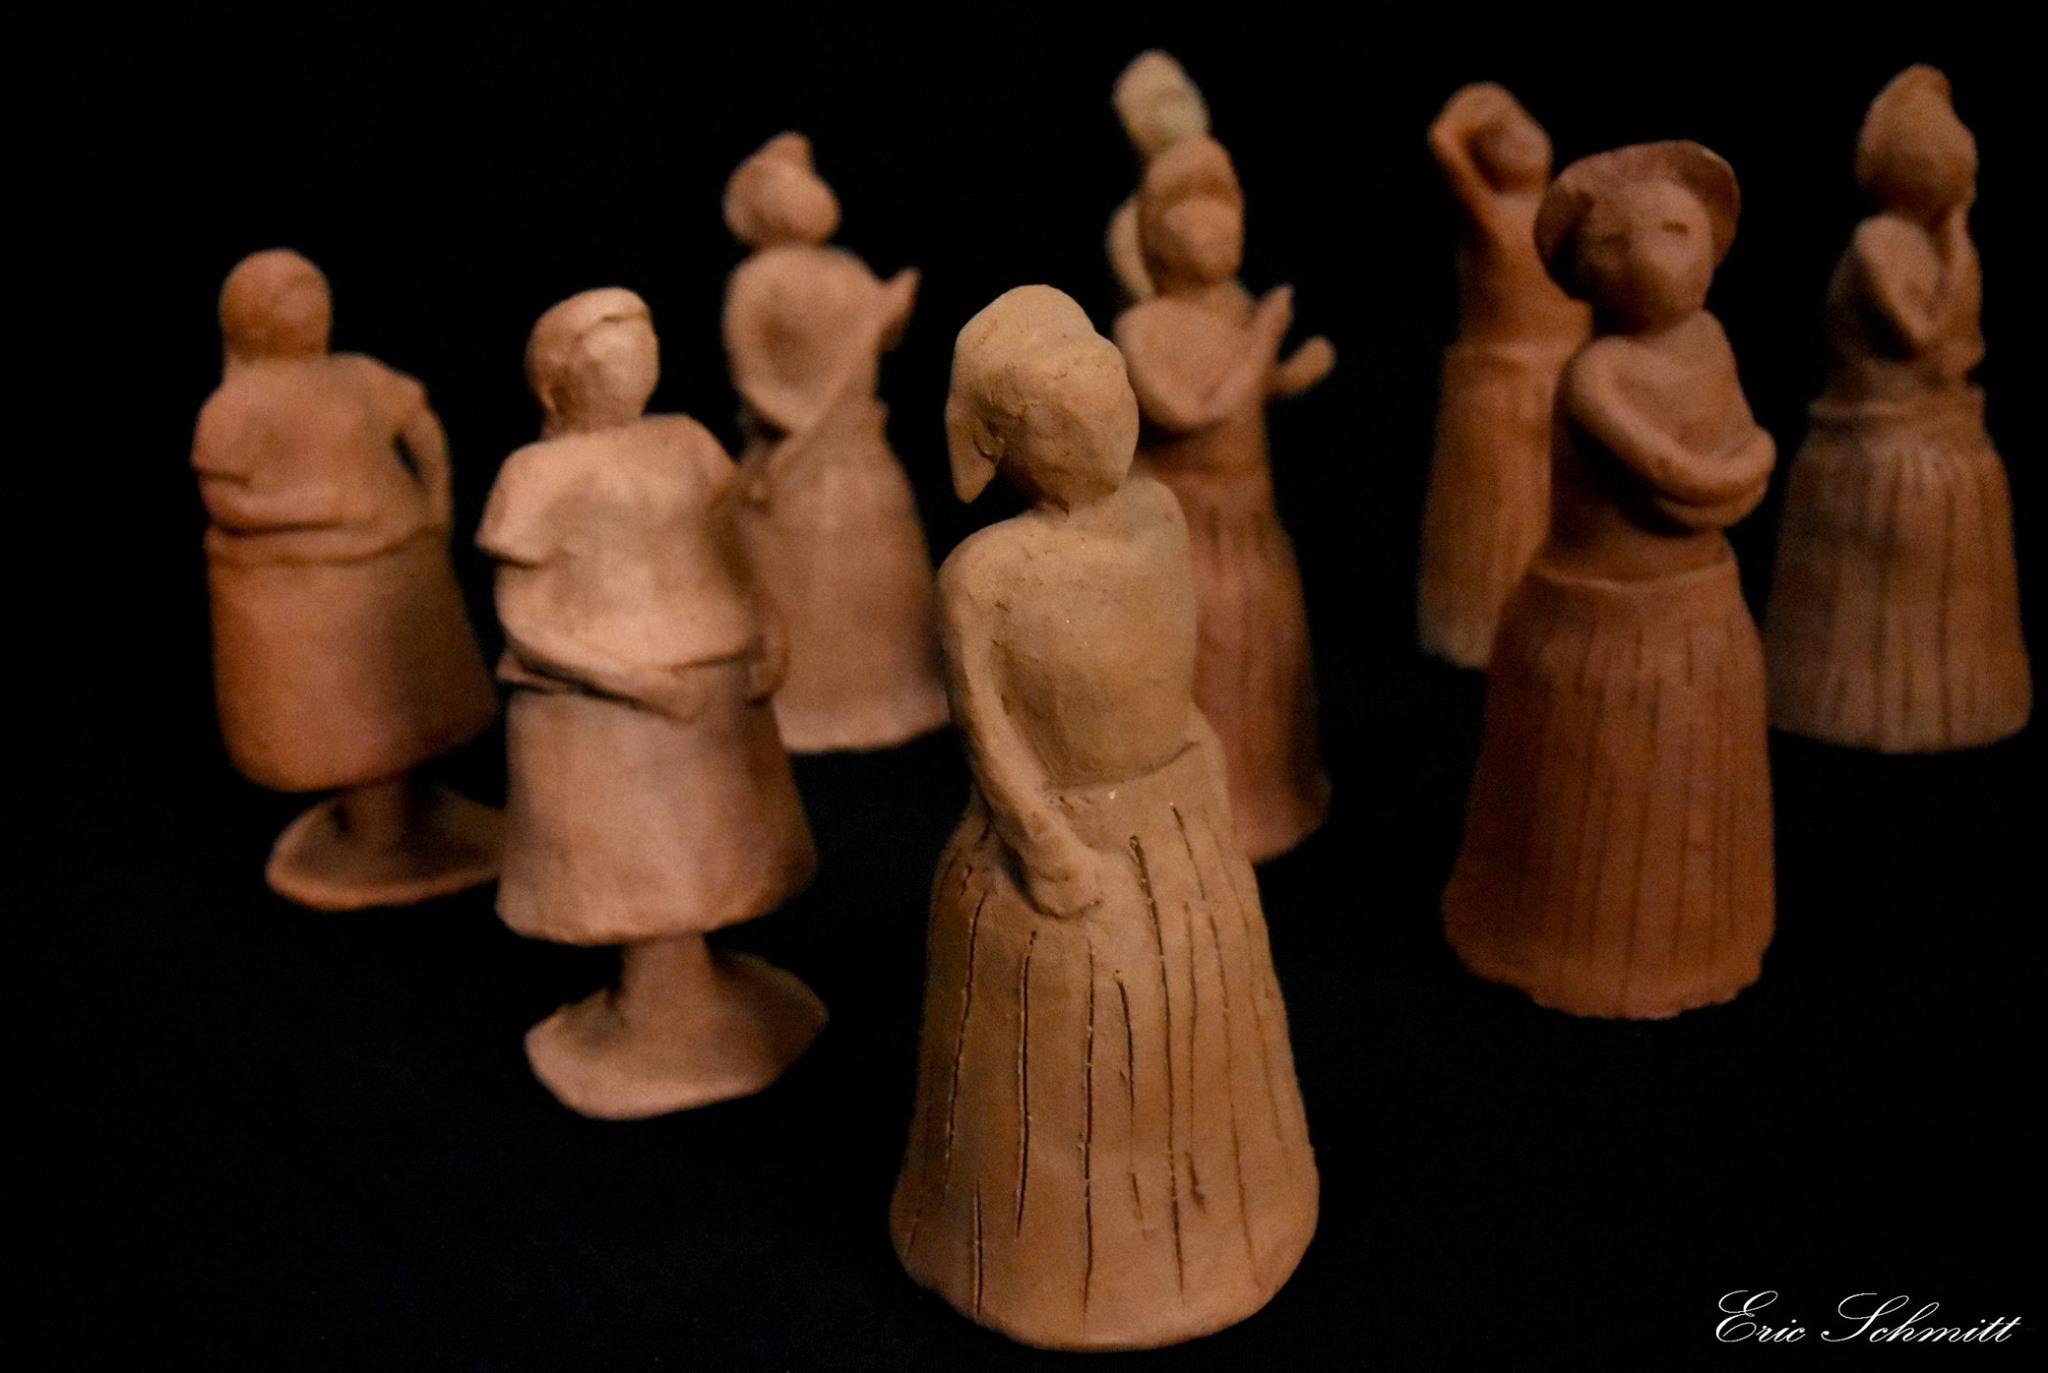 Secretaria abre inscrições para Oficina de Cerâmica Terena em Garça